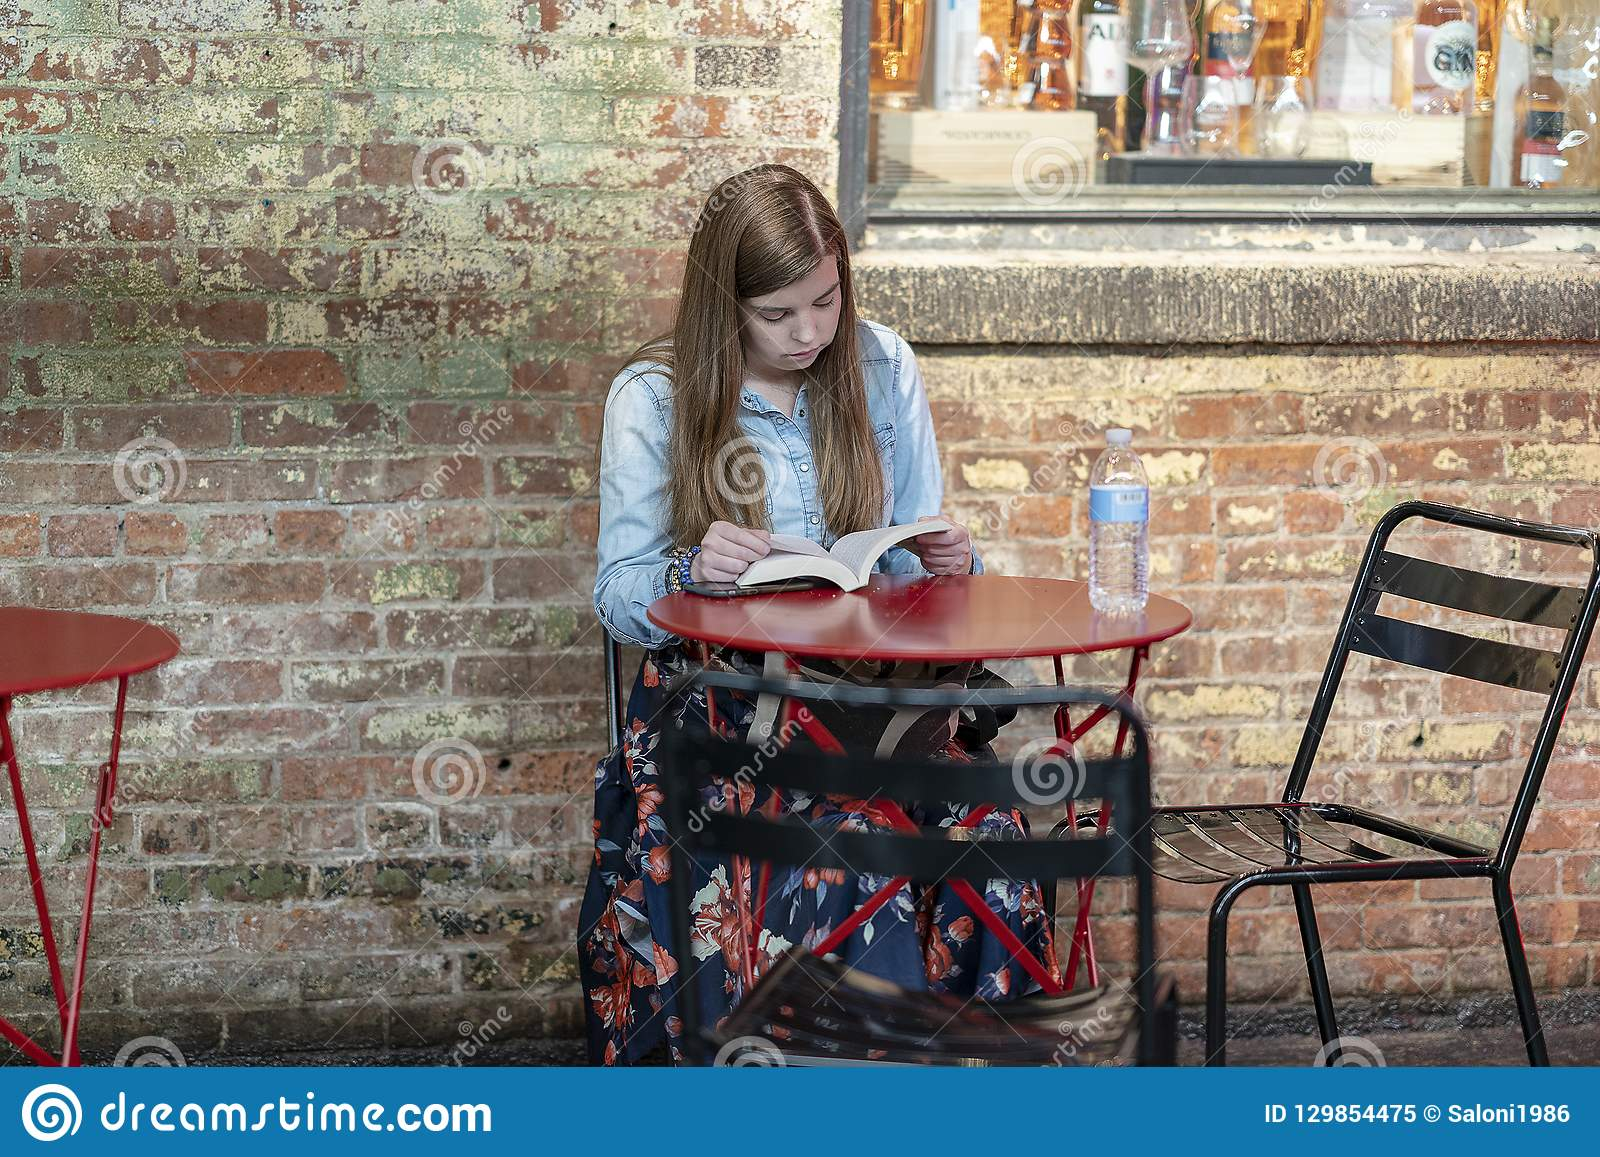 РЫНОК ЧЕЛСИ, НЬЮ-ЙОРК, США - 21-ое июля 2018: Книга чтения маленькой девочки в кафе